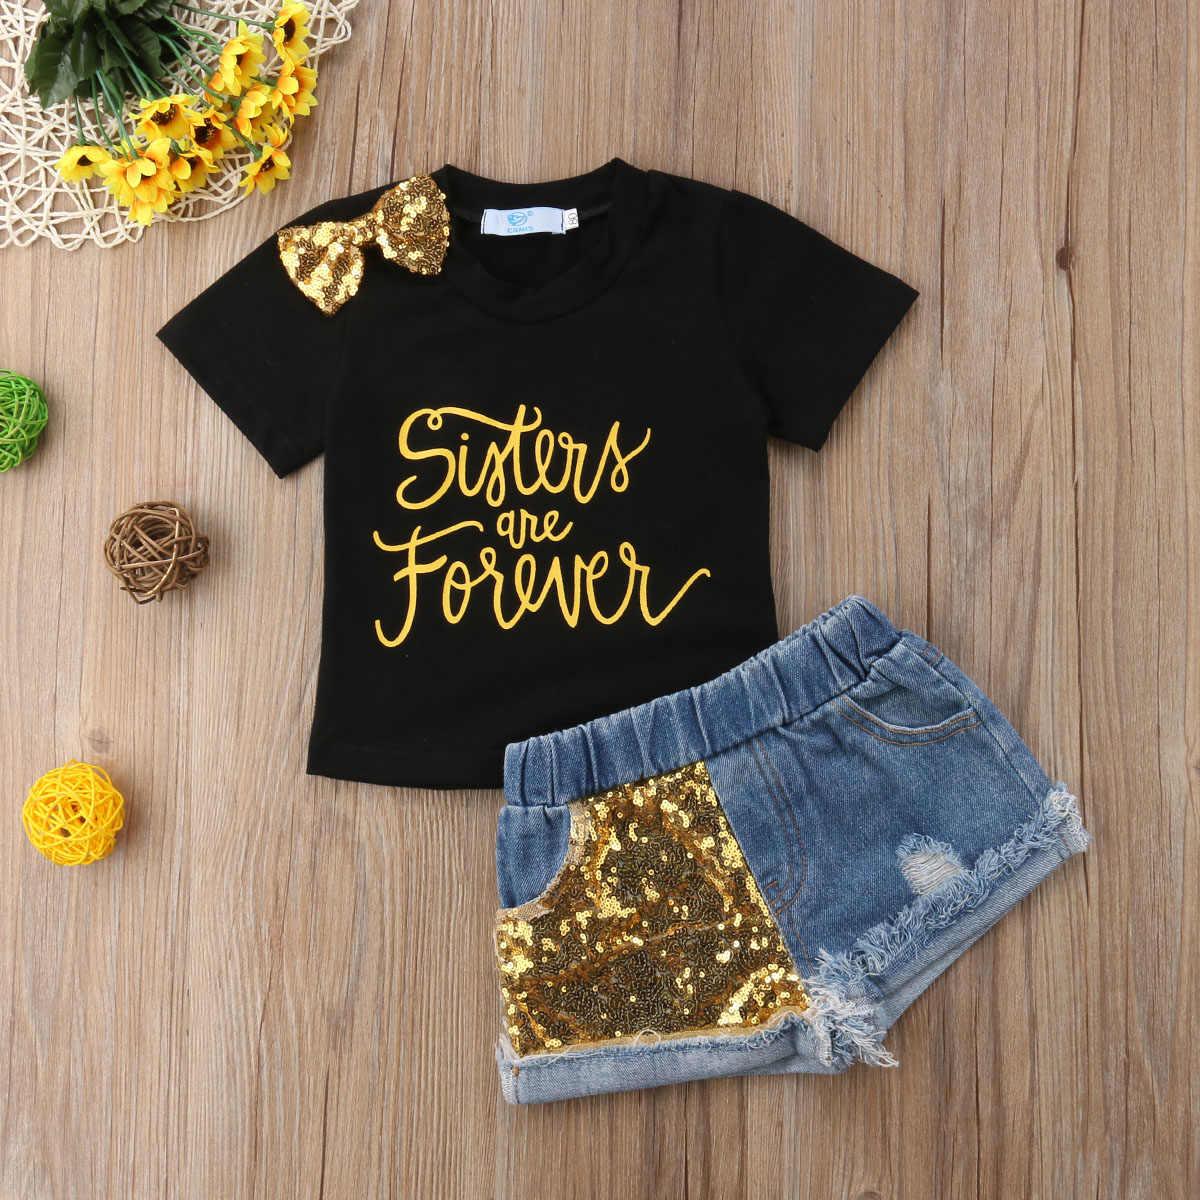 6269cc423fa9 2018 niños bebé niña Bowknot camisetas Top negro + lentejuelas oro  pantalones vaqueros ropa conjunto de moda de verano